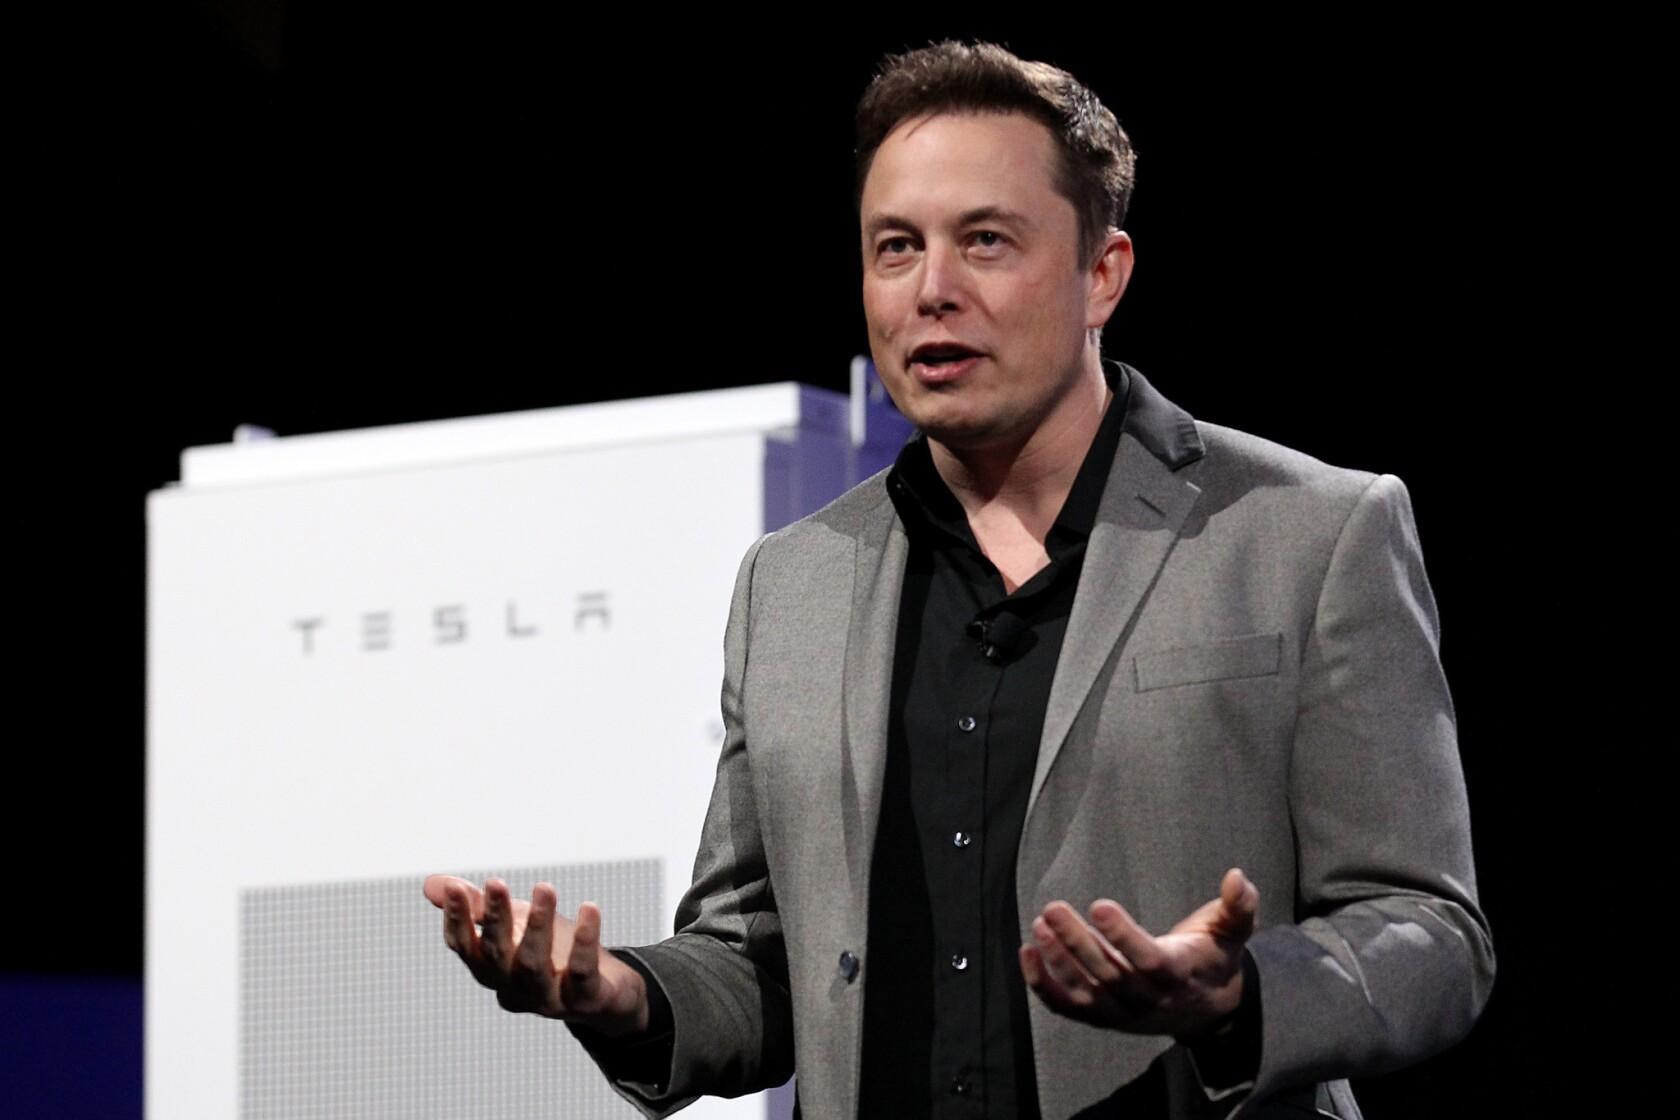 Tesla's Elon Musk and his big ideas: A brief history - Los